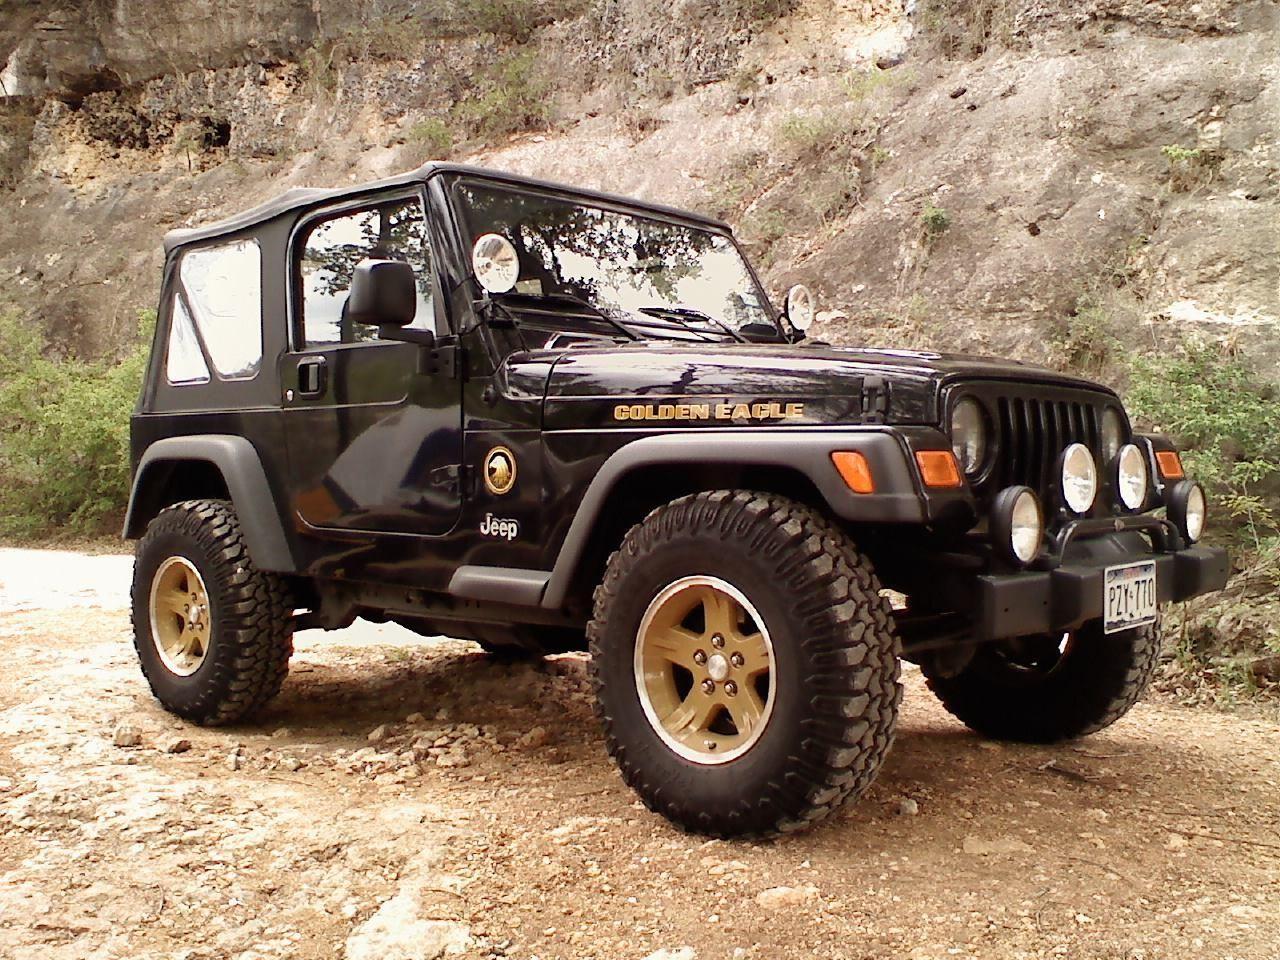 06 jeep wrangler tj golden eagle edition anything jeep pinterest jeep wrangler tj. Black Bedroom Furniture Sets. Home Design Ideas